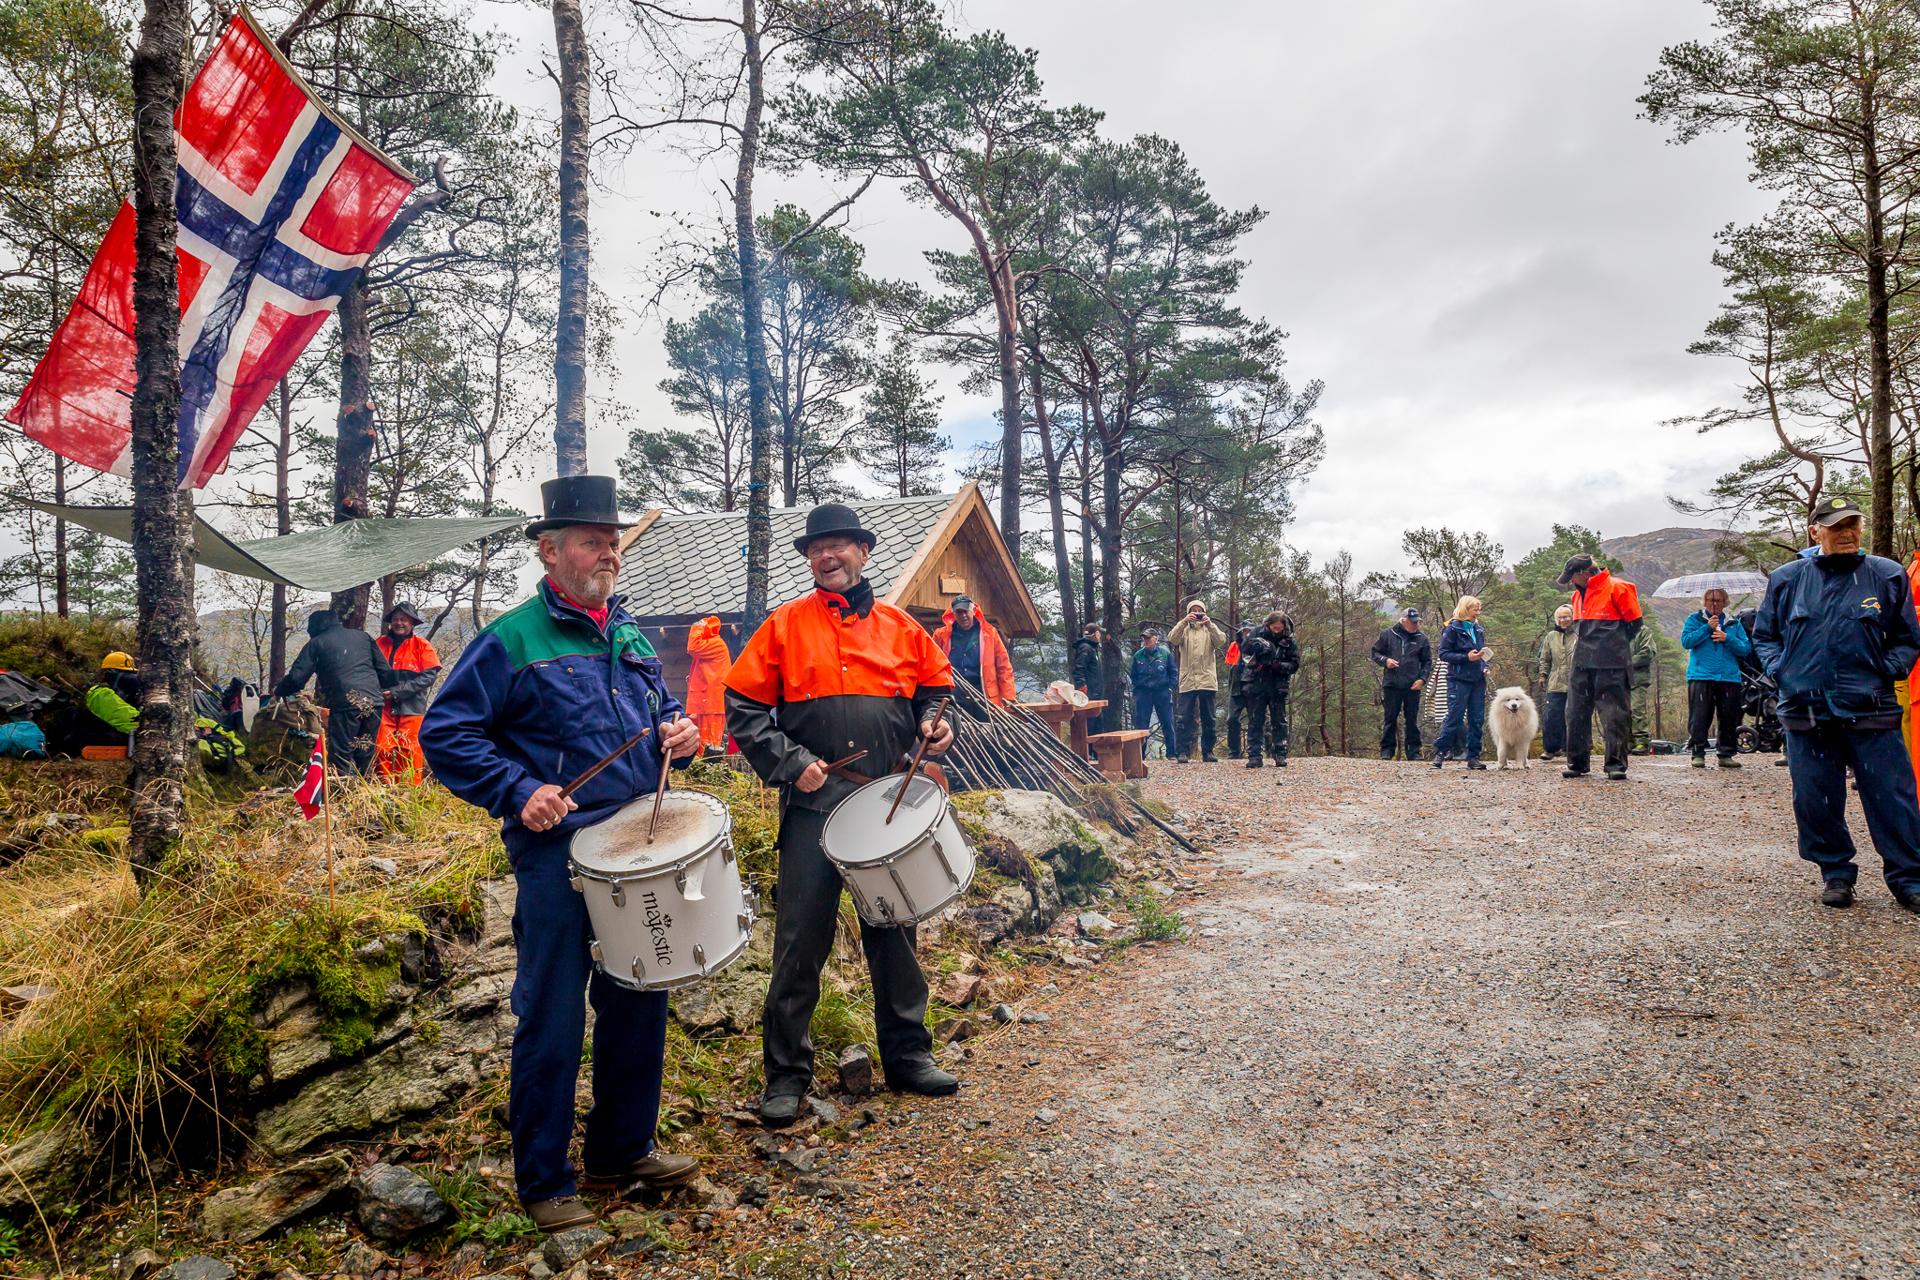 040  Åpningen av Hellemyrstien Med trommer, Tryggv